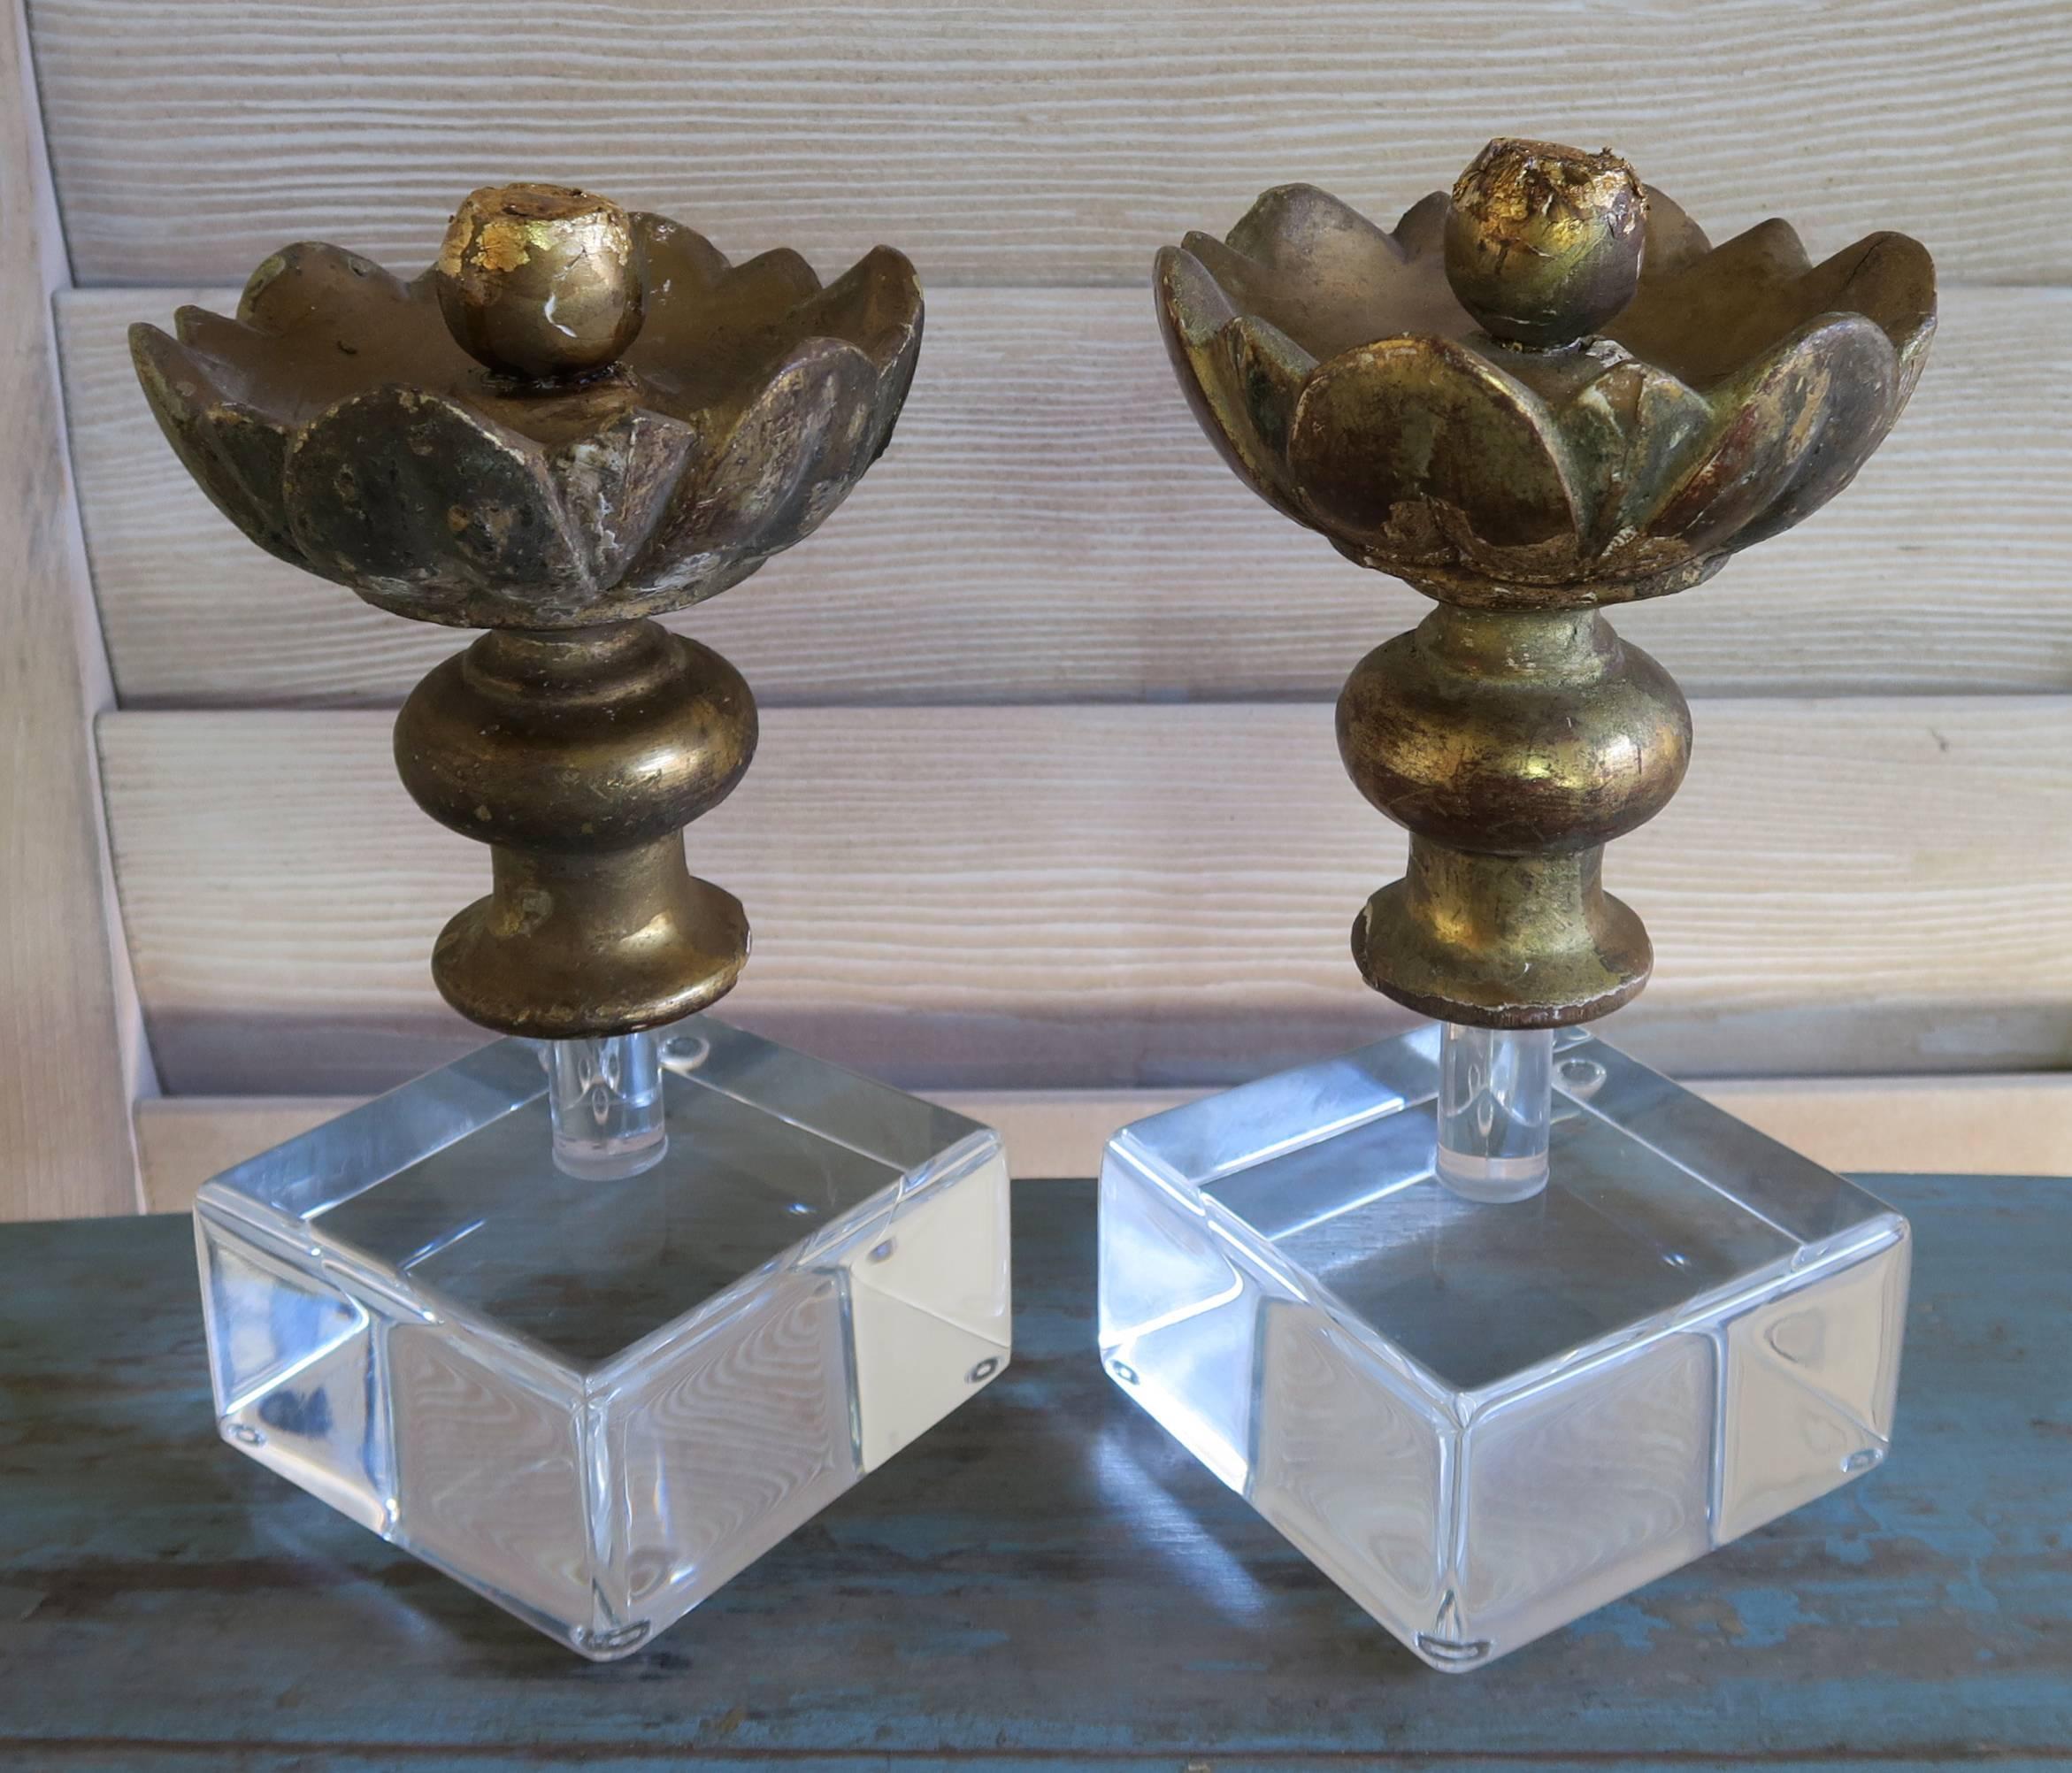 Table Top Decorative Finials